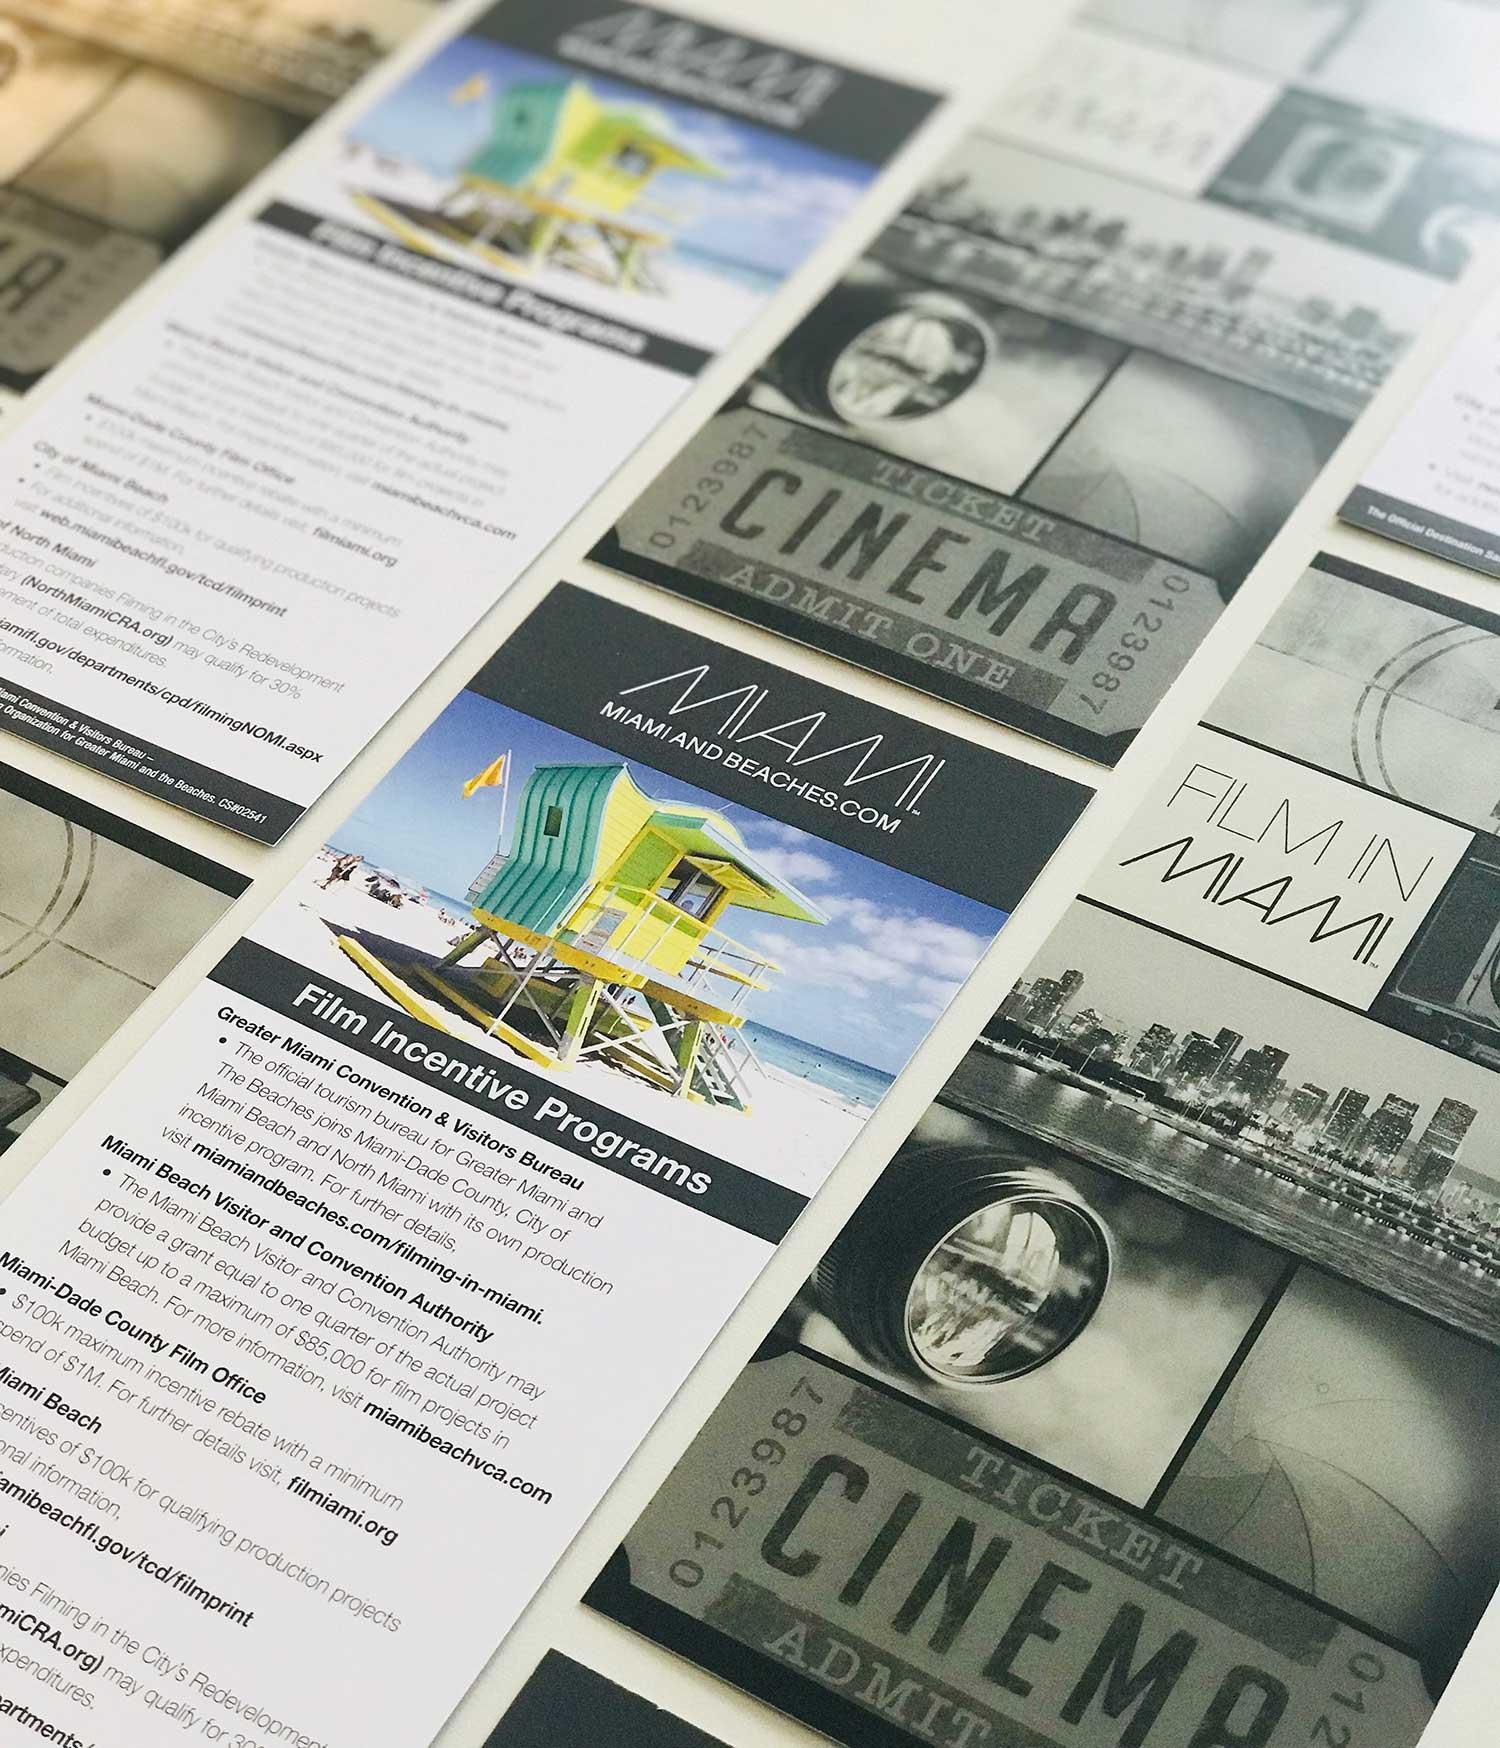 film-in-miami-postcard-by-rare-velvet-designs.jpg